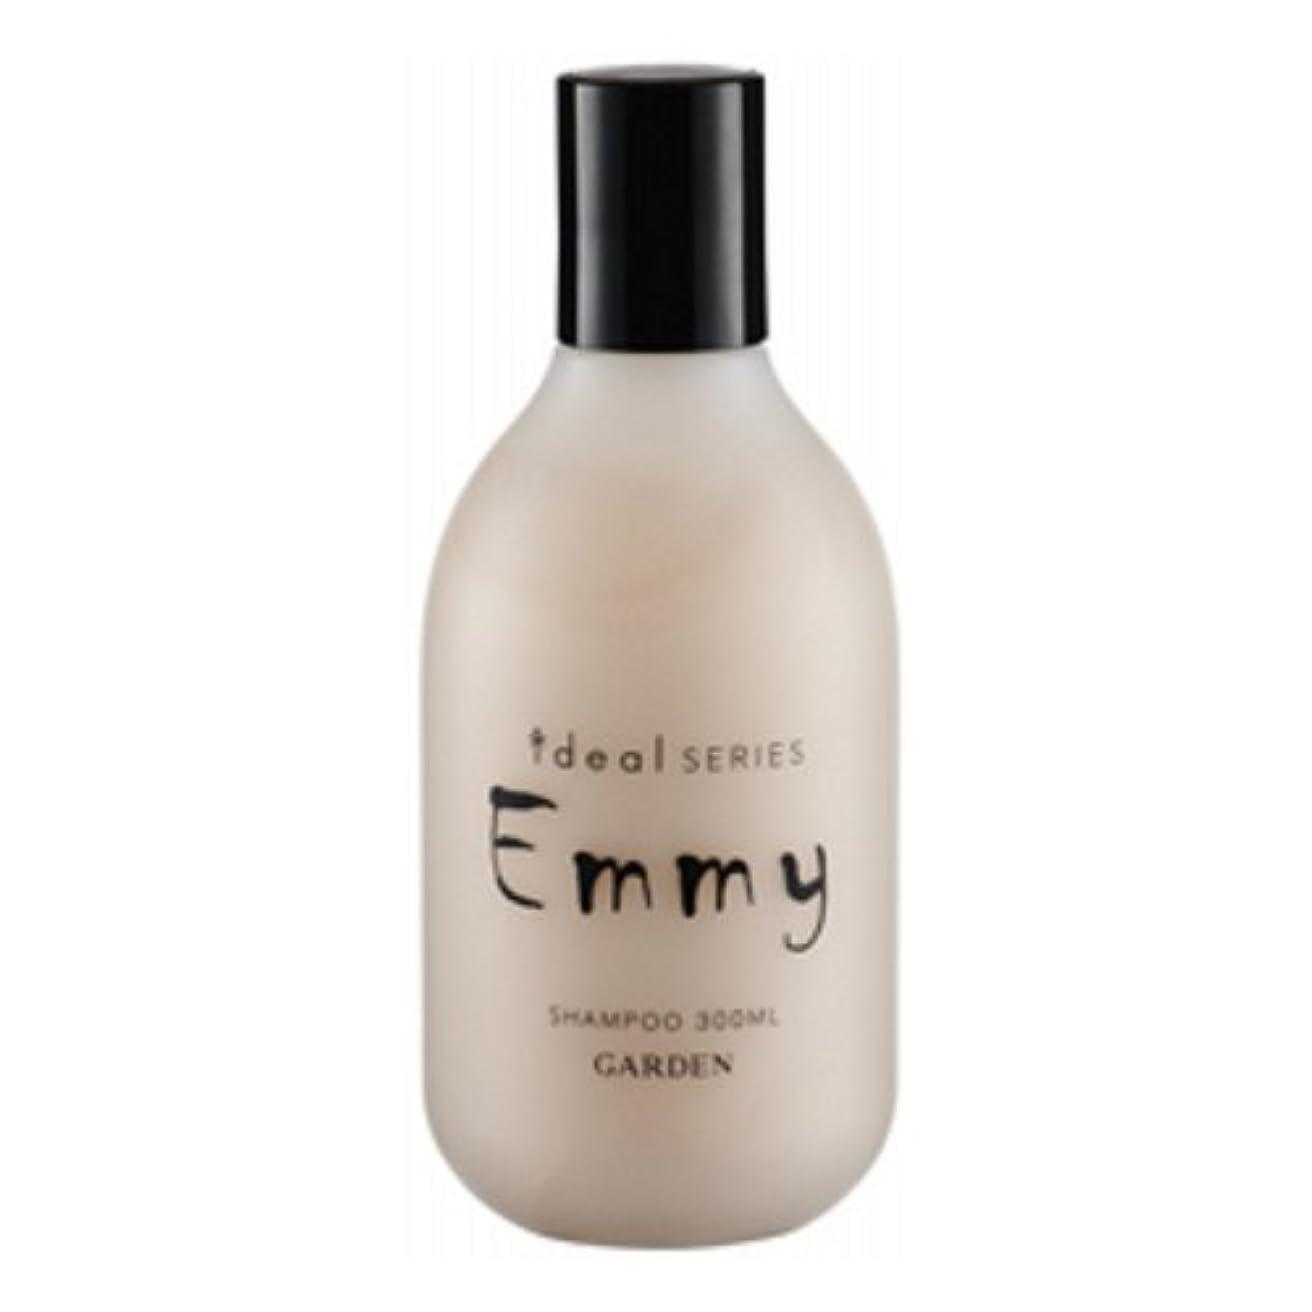 電話最小北GARDEN ideal SERIES (イデアルシリーズ) Emmy エミー ふんわりベーシックシャンプー 300ml